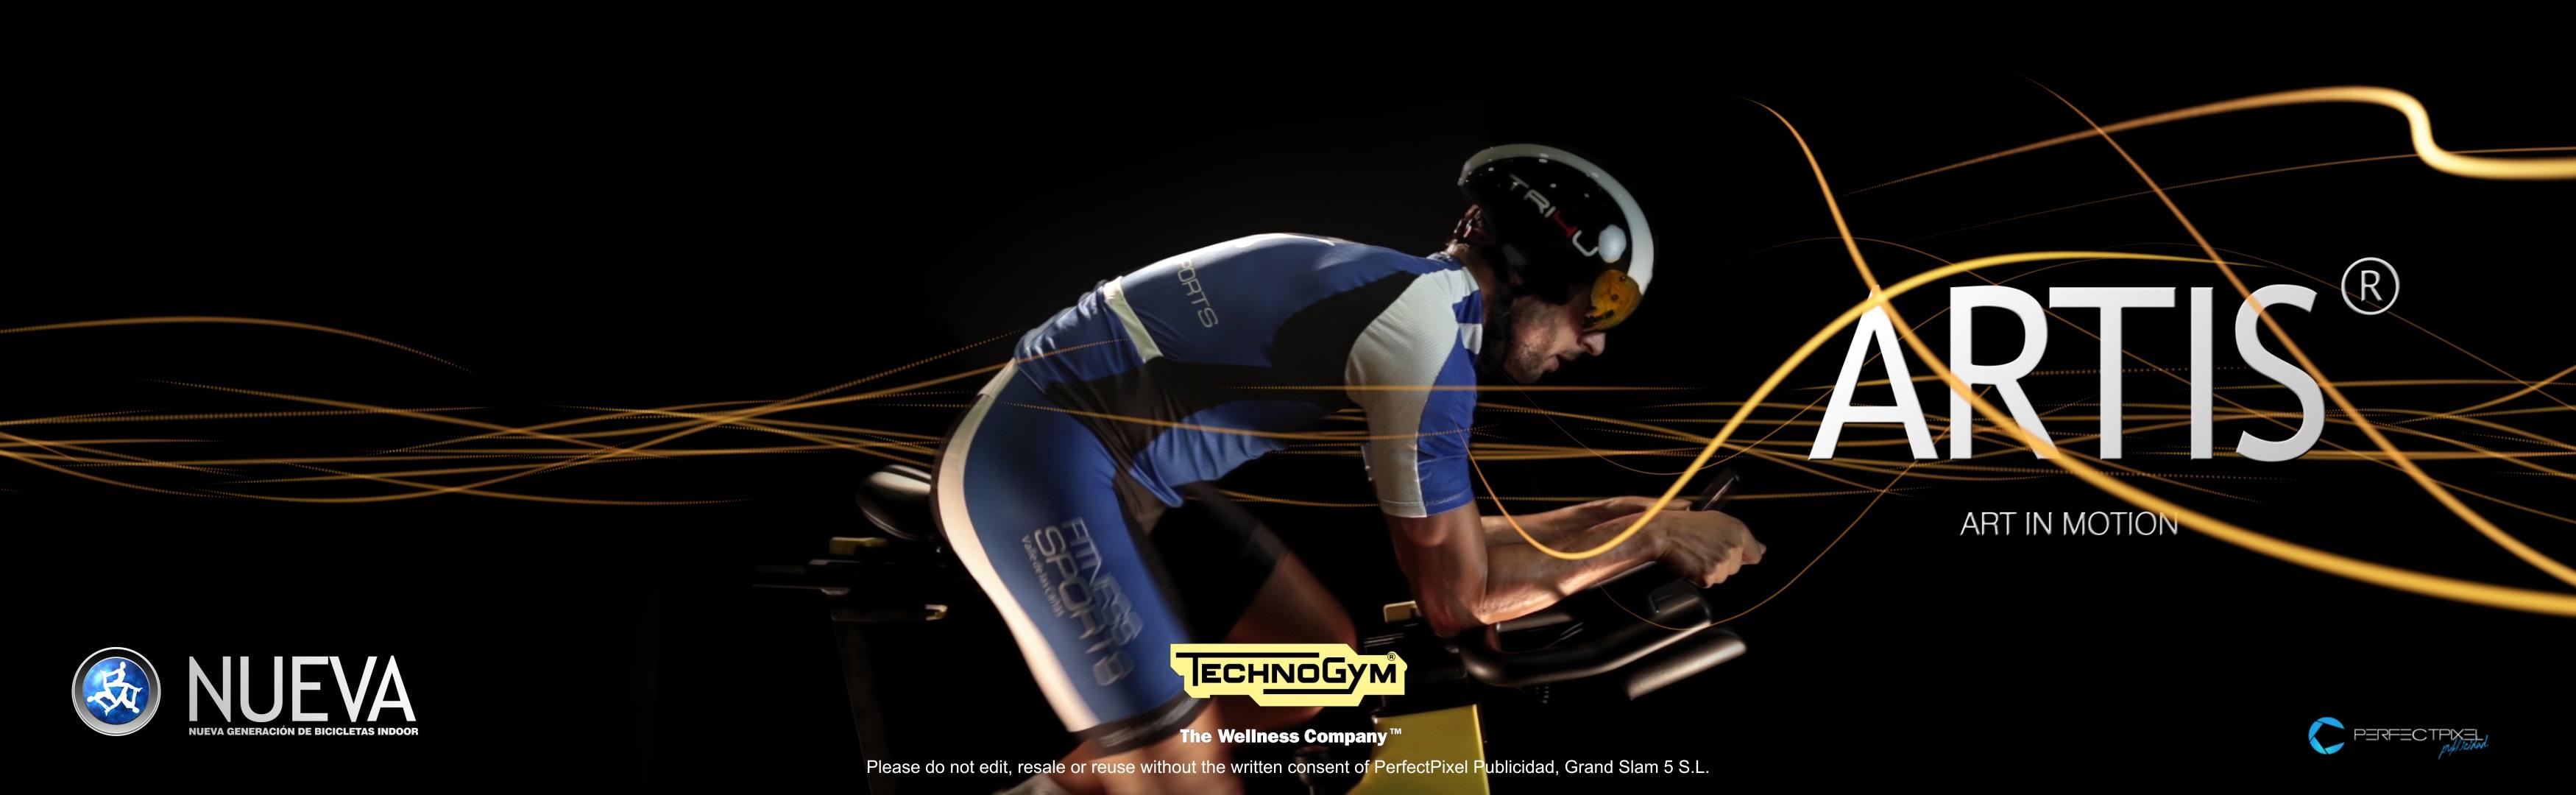 Bicicletas ARTIS Technogym by PerfectPixel Publicidad